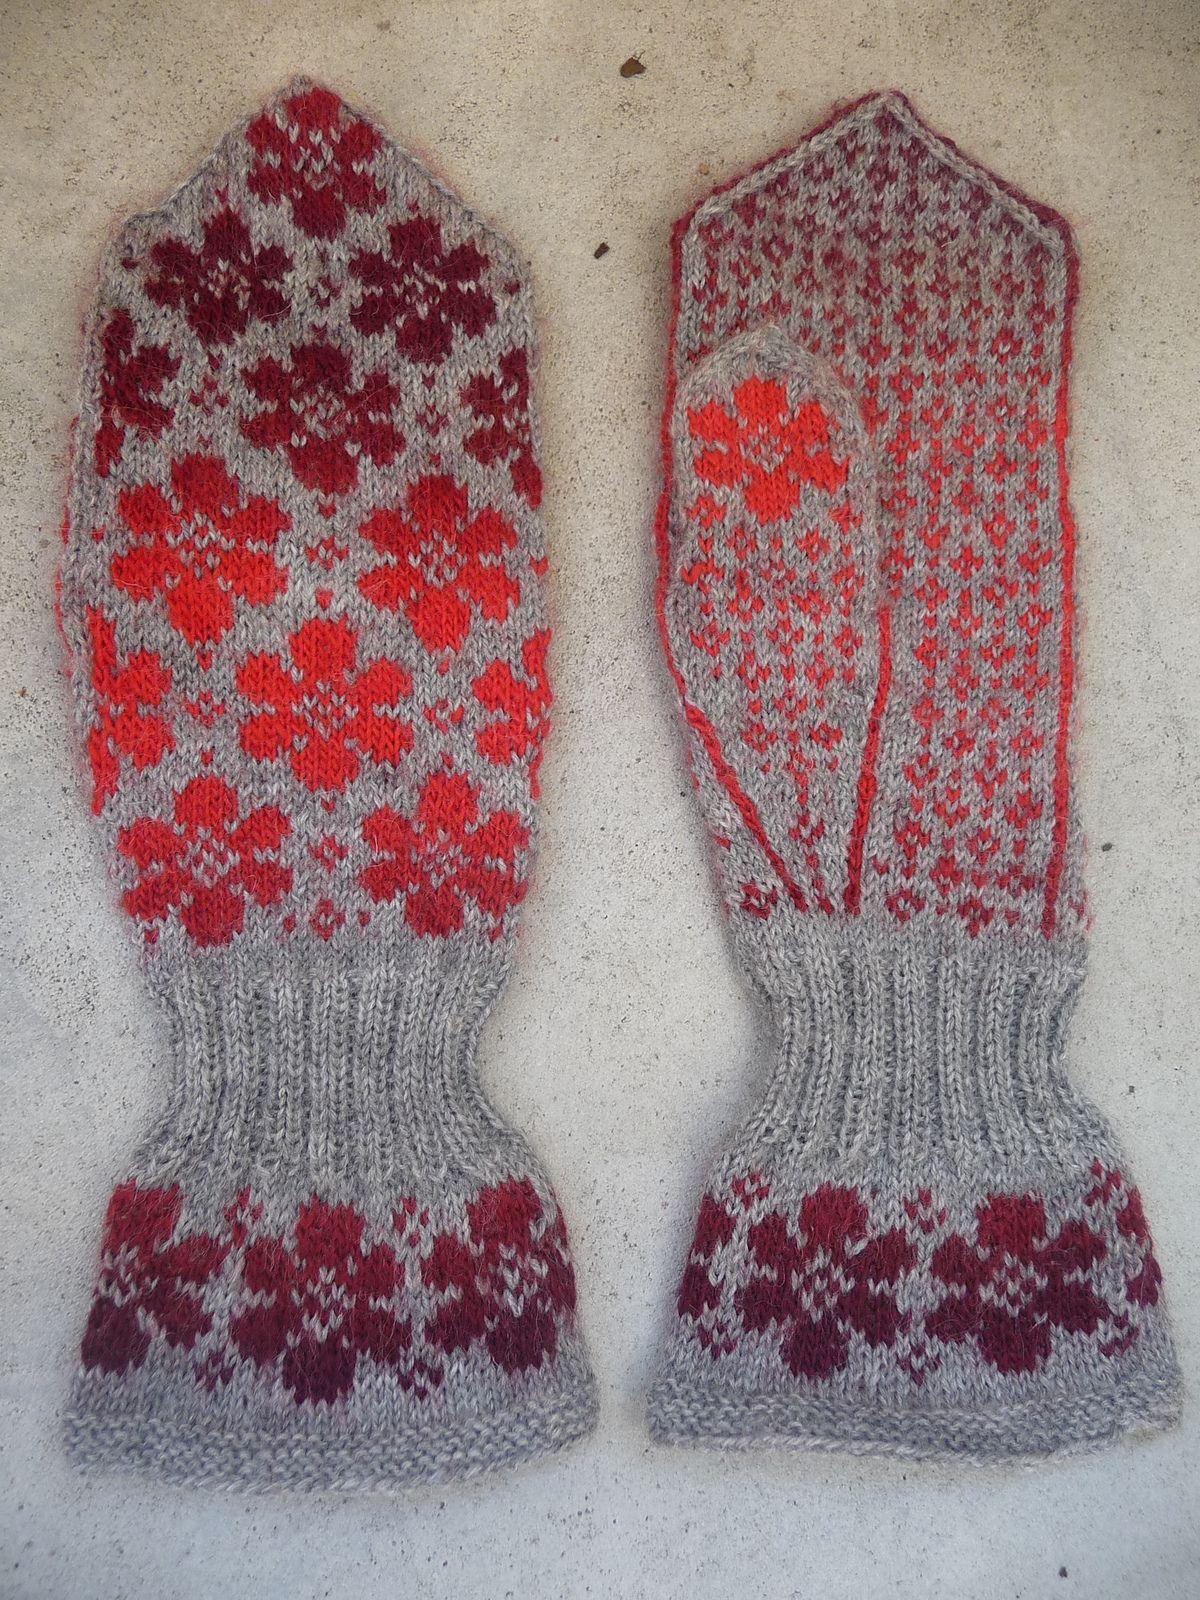 Britta mitten pattern by Johanne Landin | Pinterest | Handschuh ...